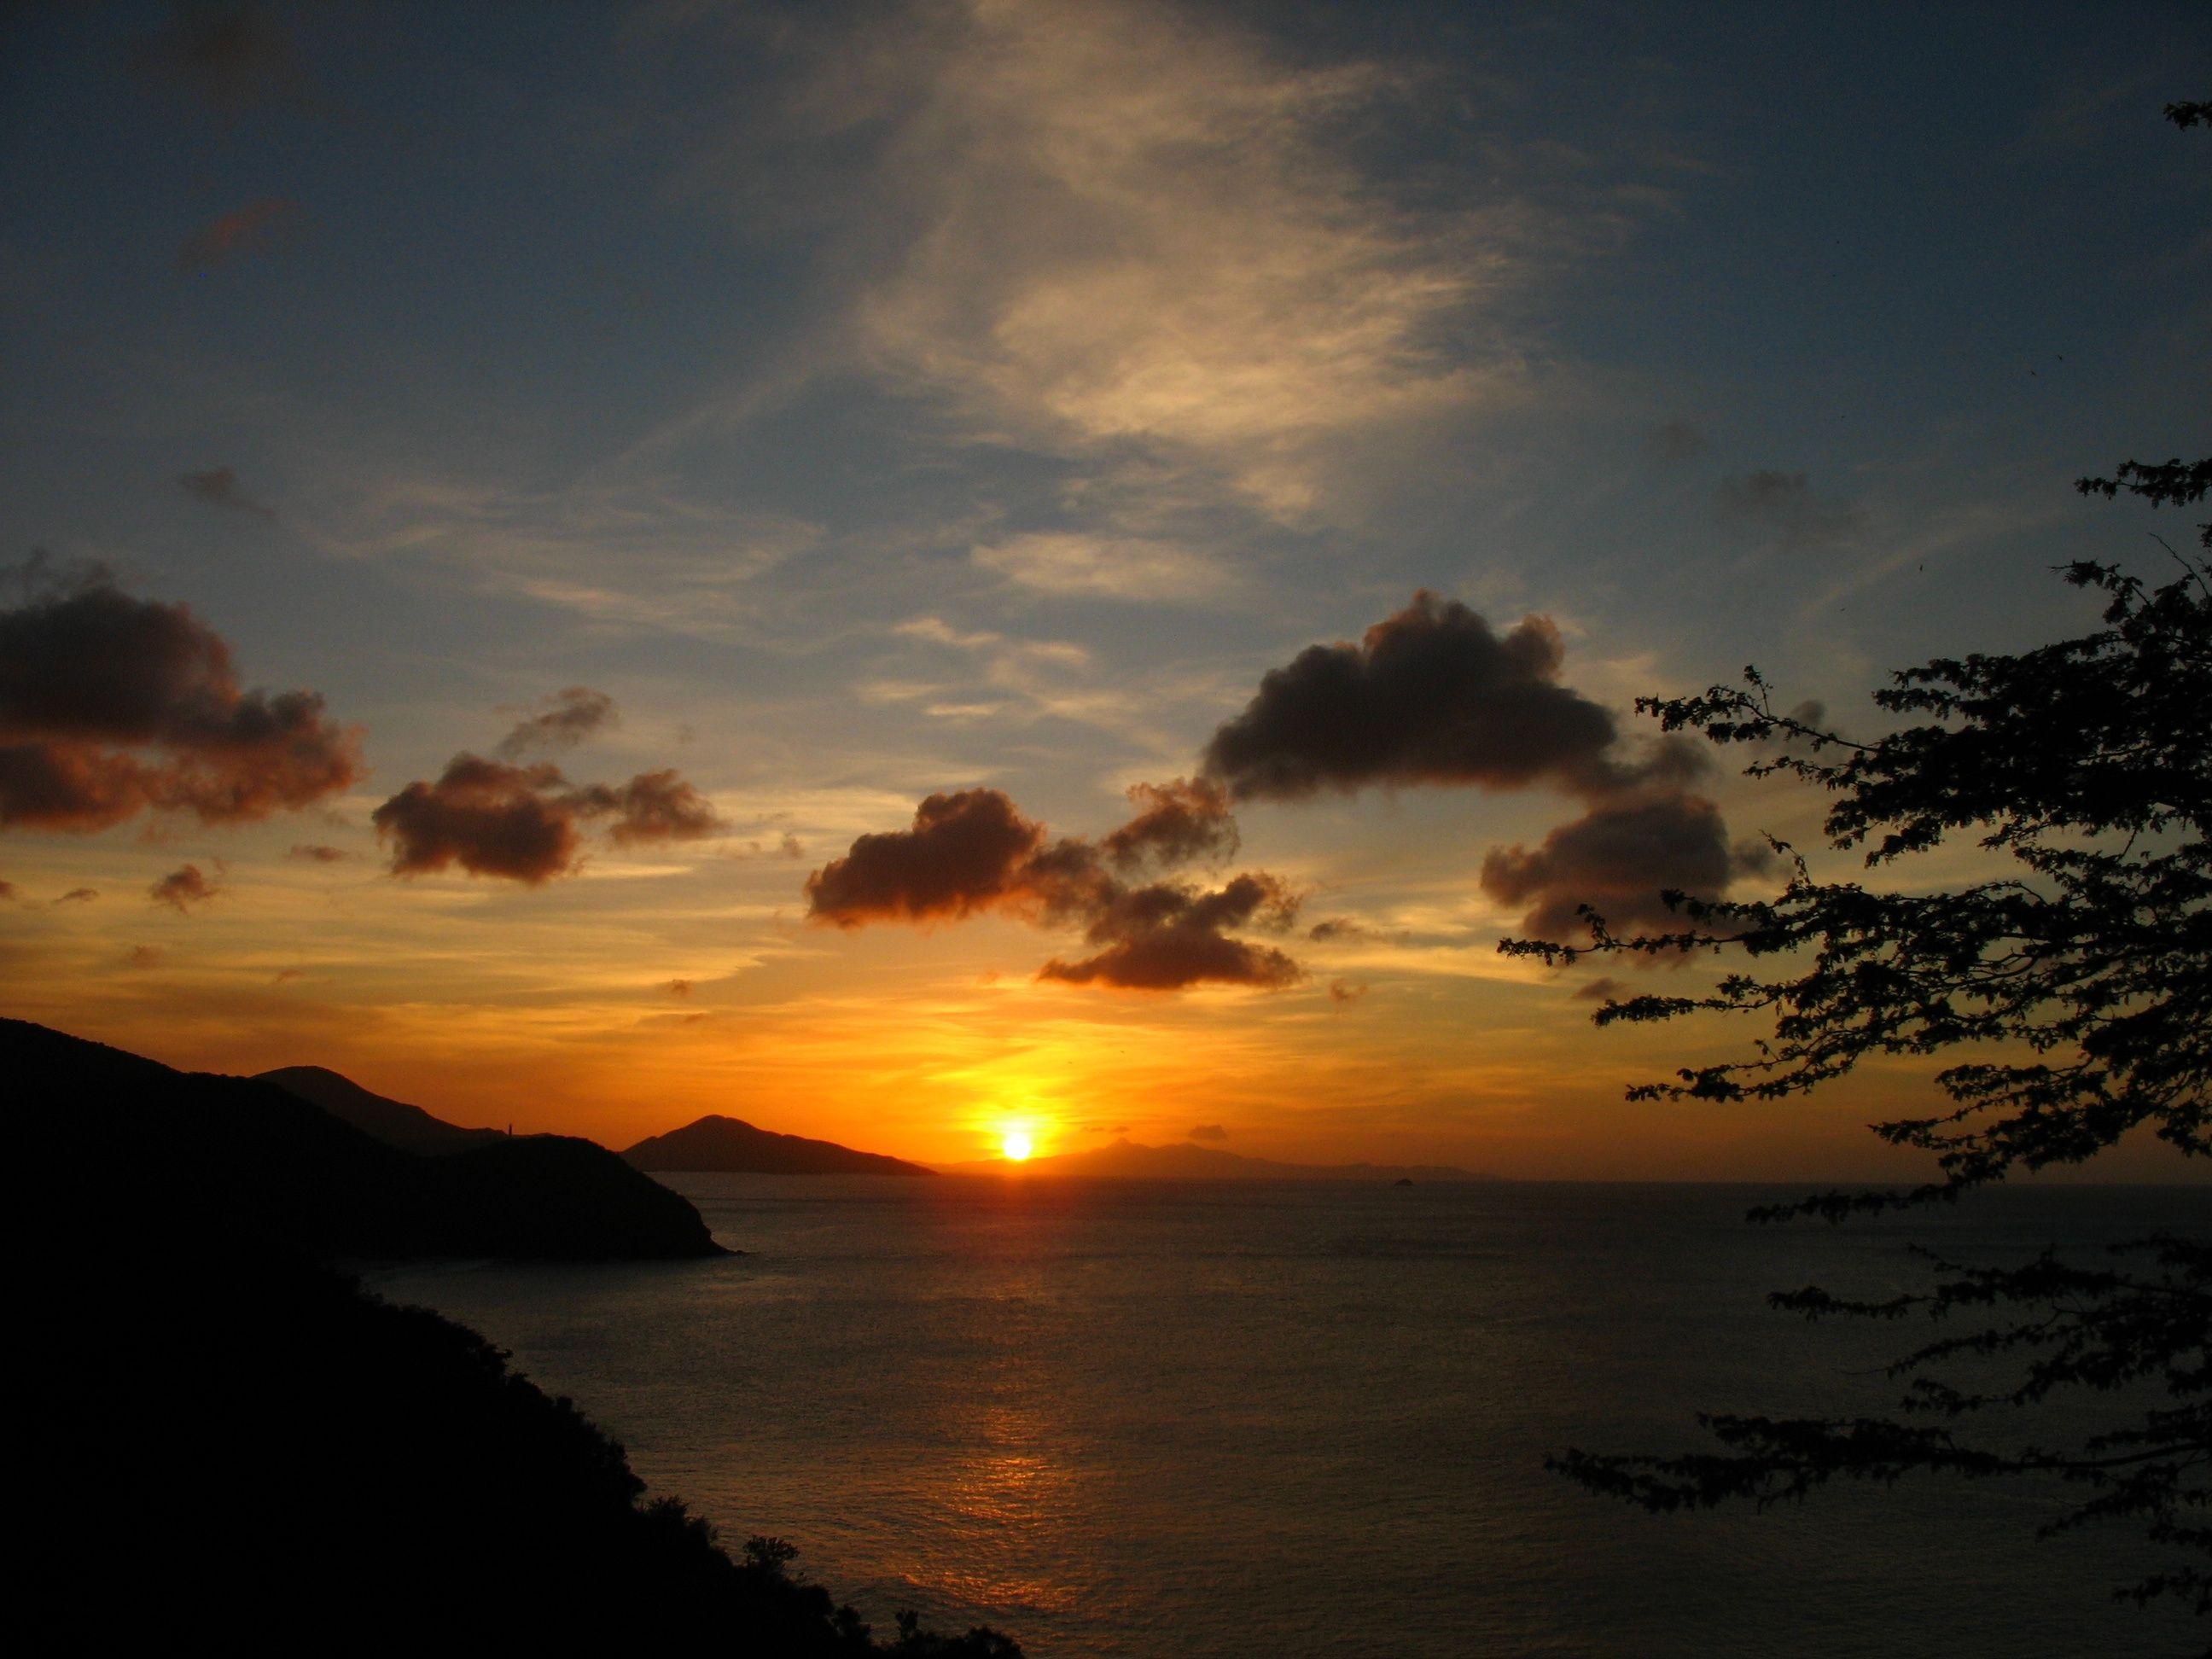 Isla de Margarita / Margarita island - Venezuela